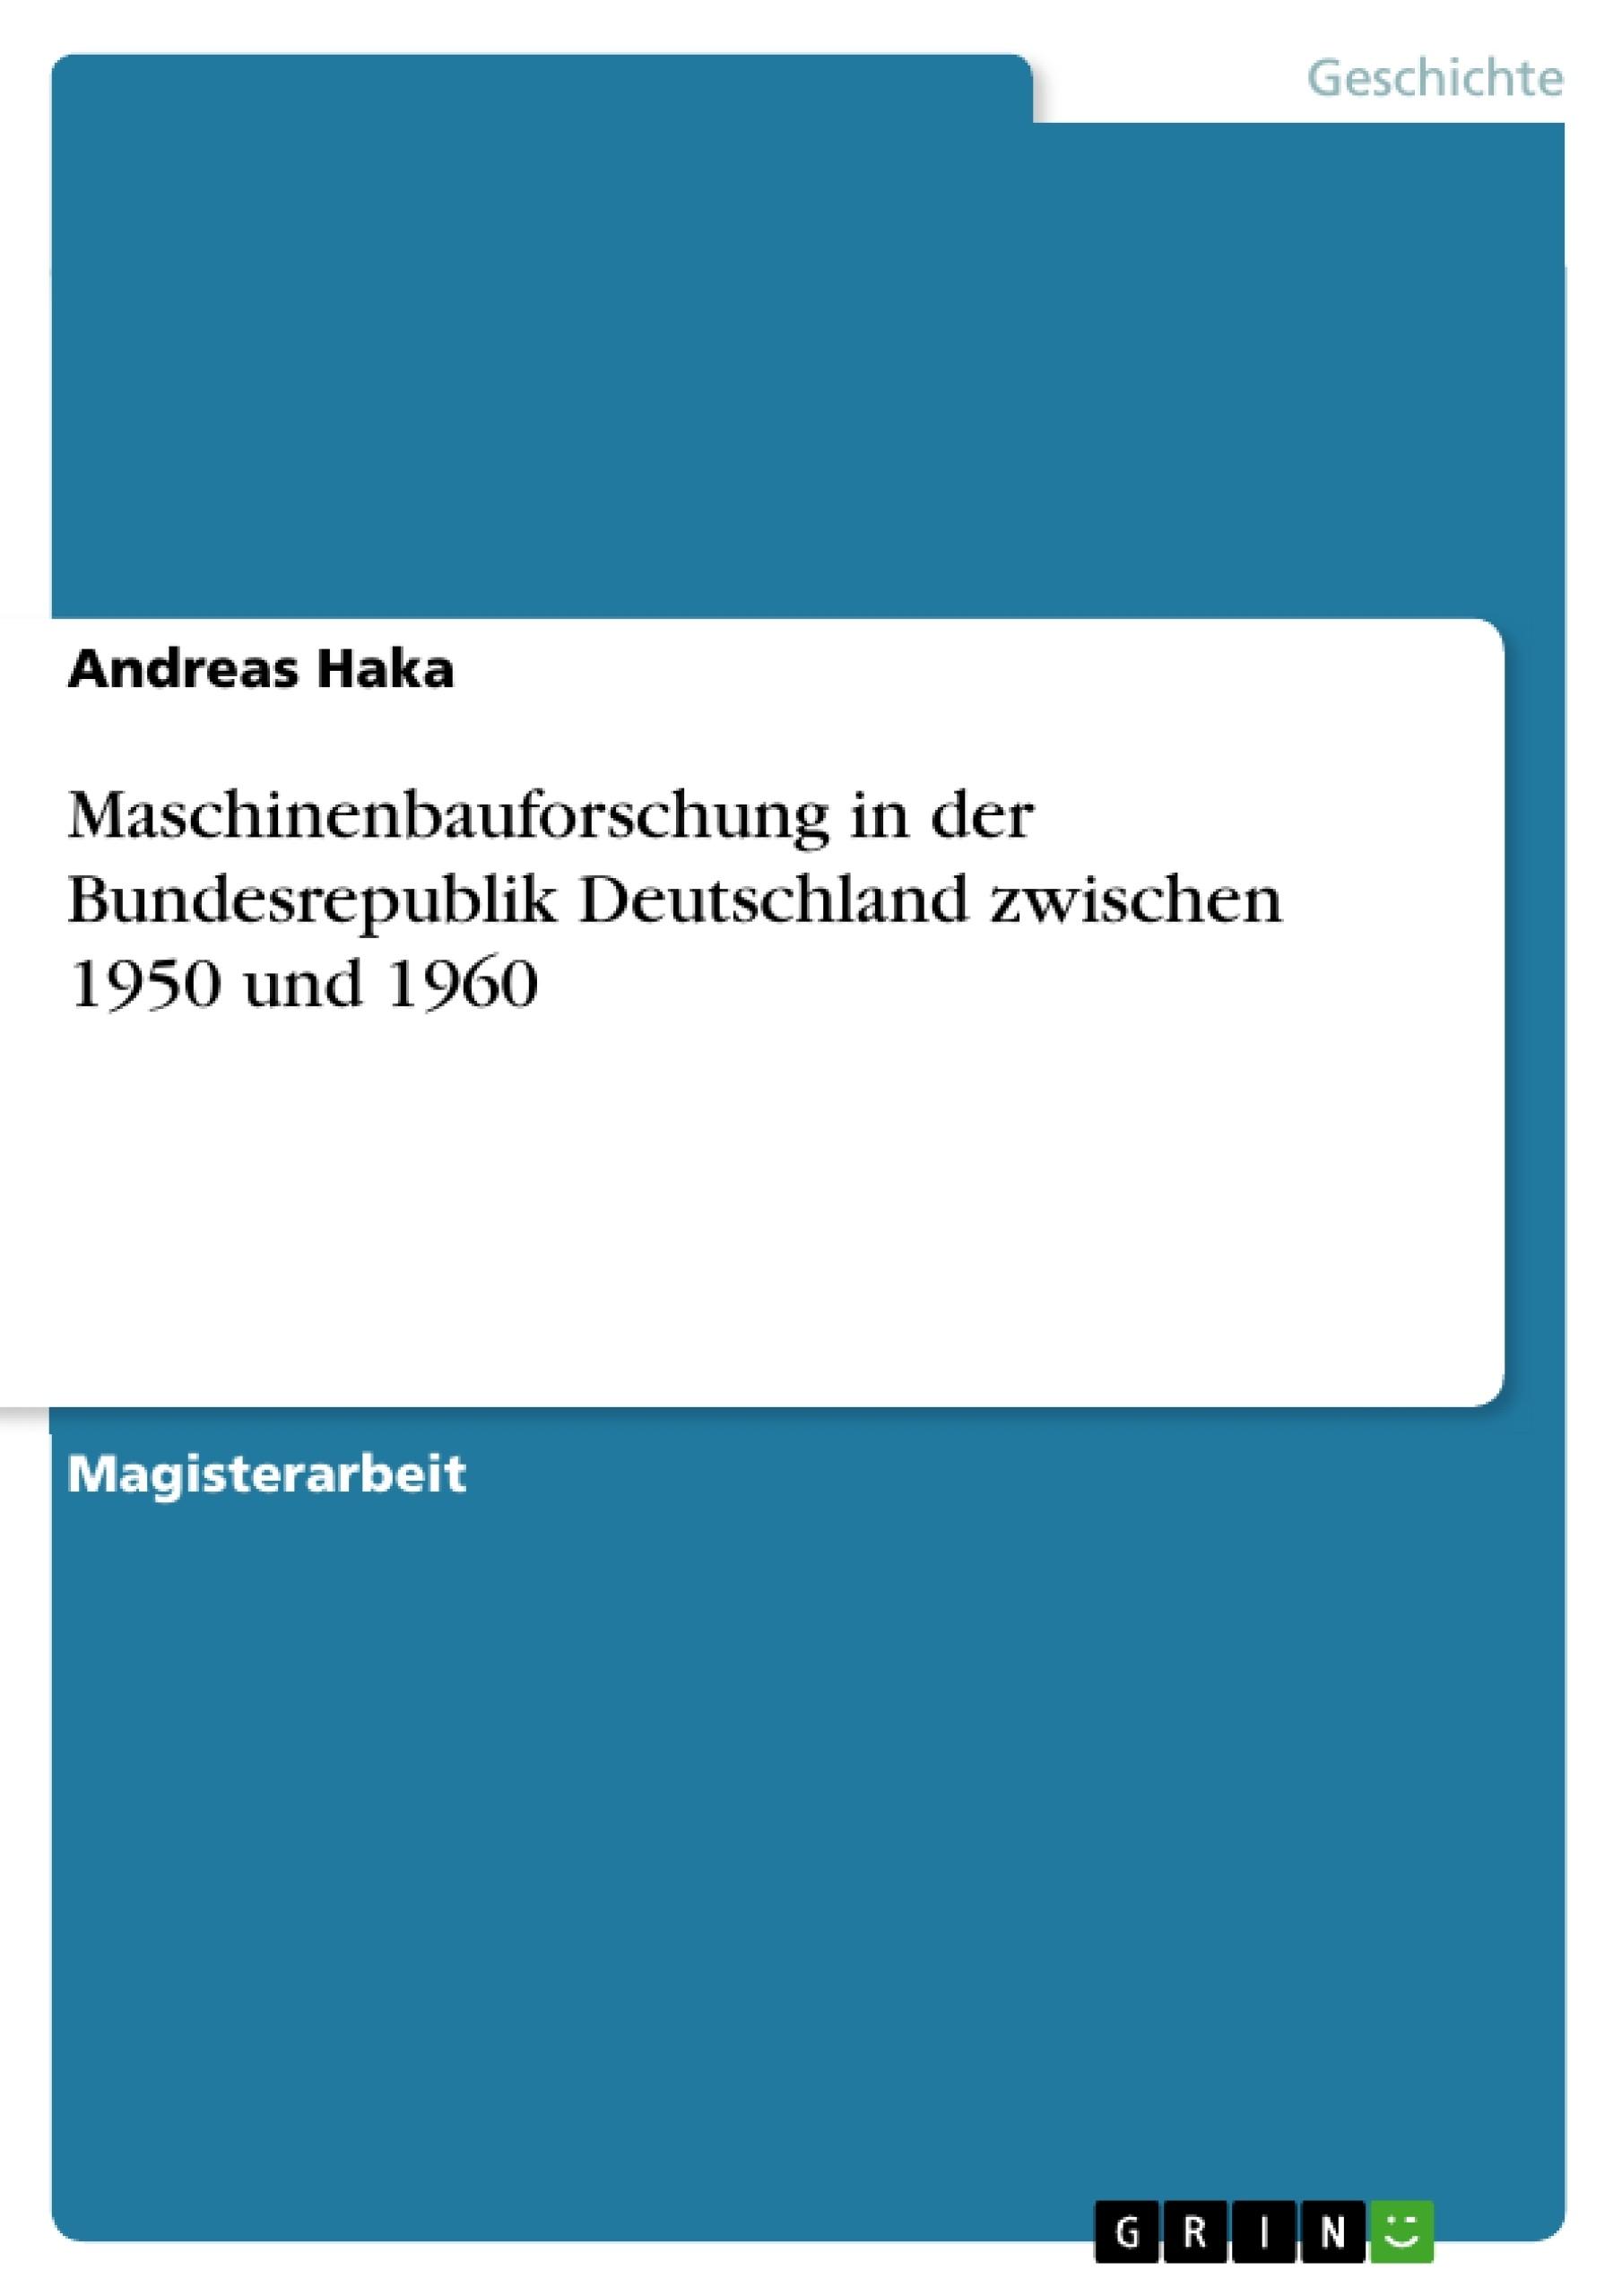 Titel: Maschinenbauforschung in der Bundesrepublik Deutschland zwischen 1950 und 1960